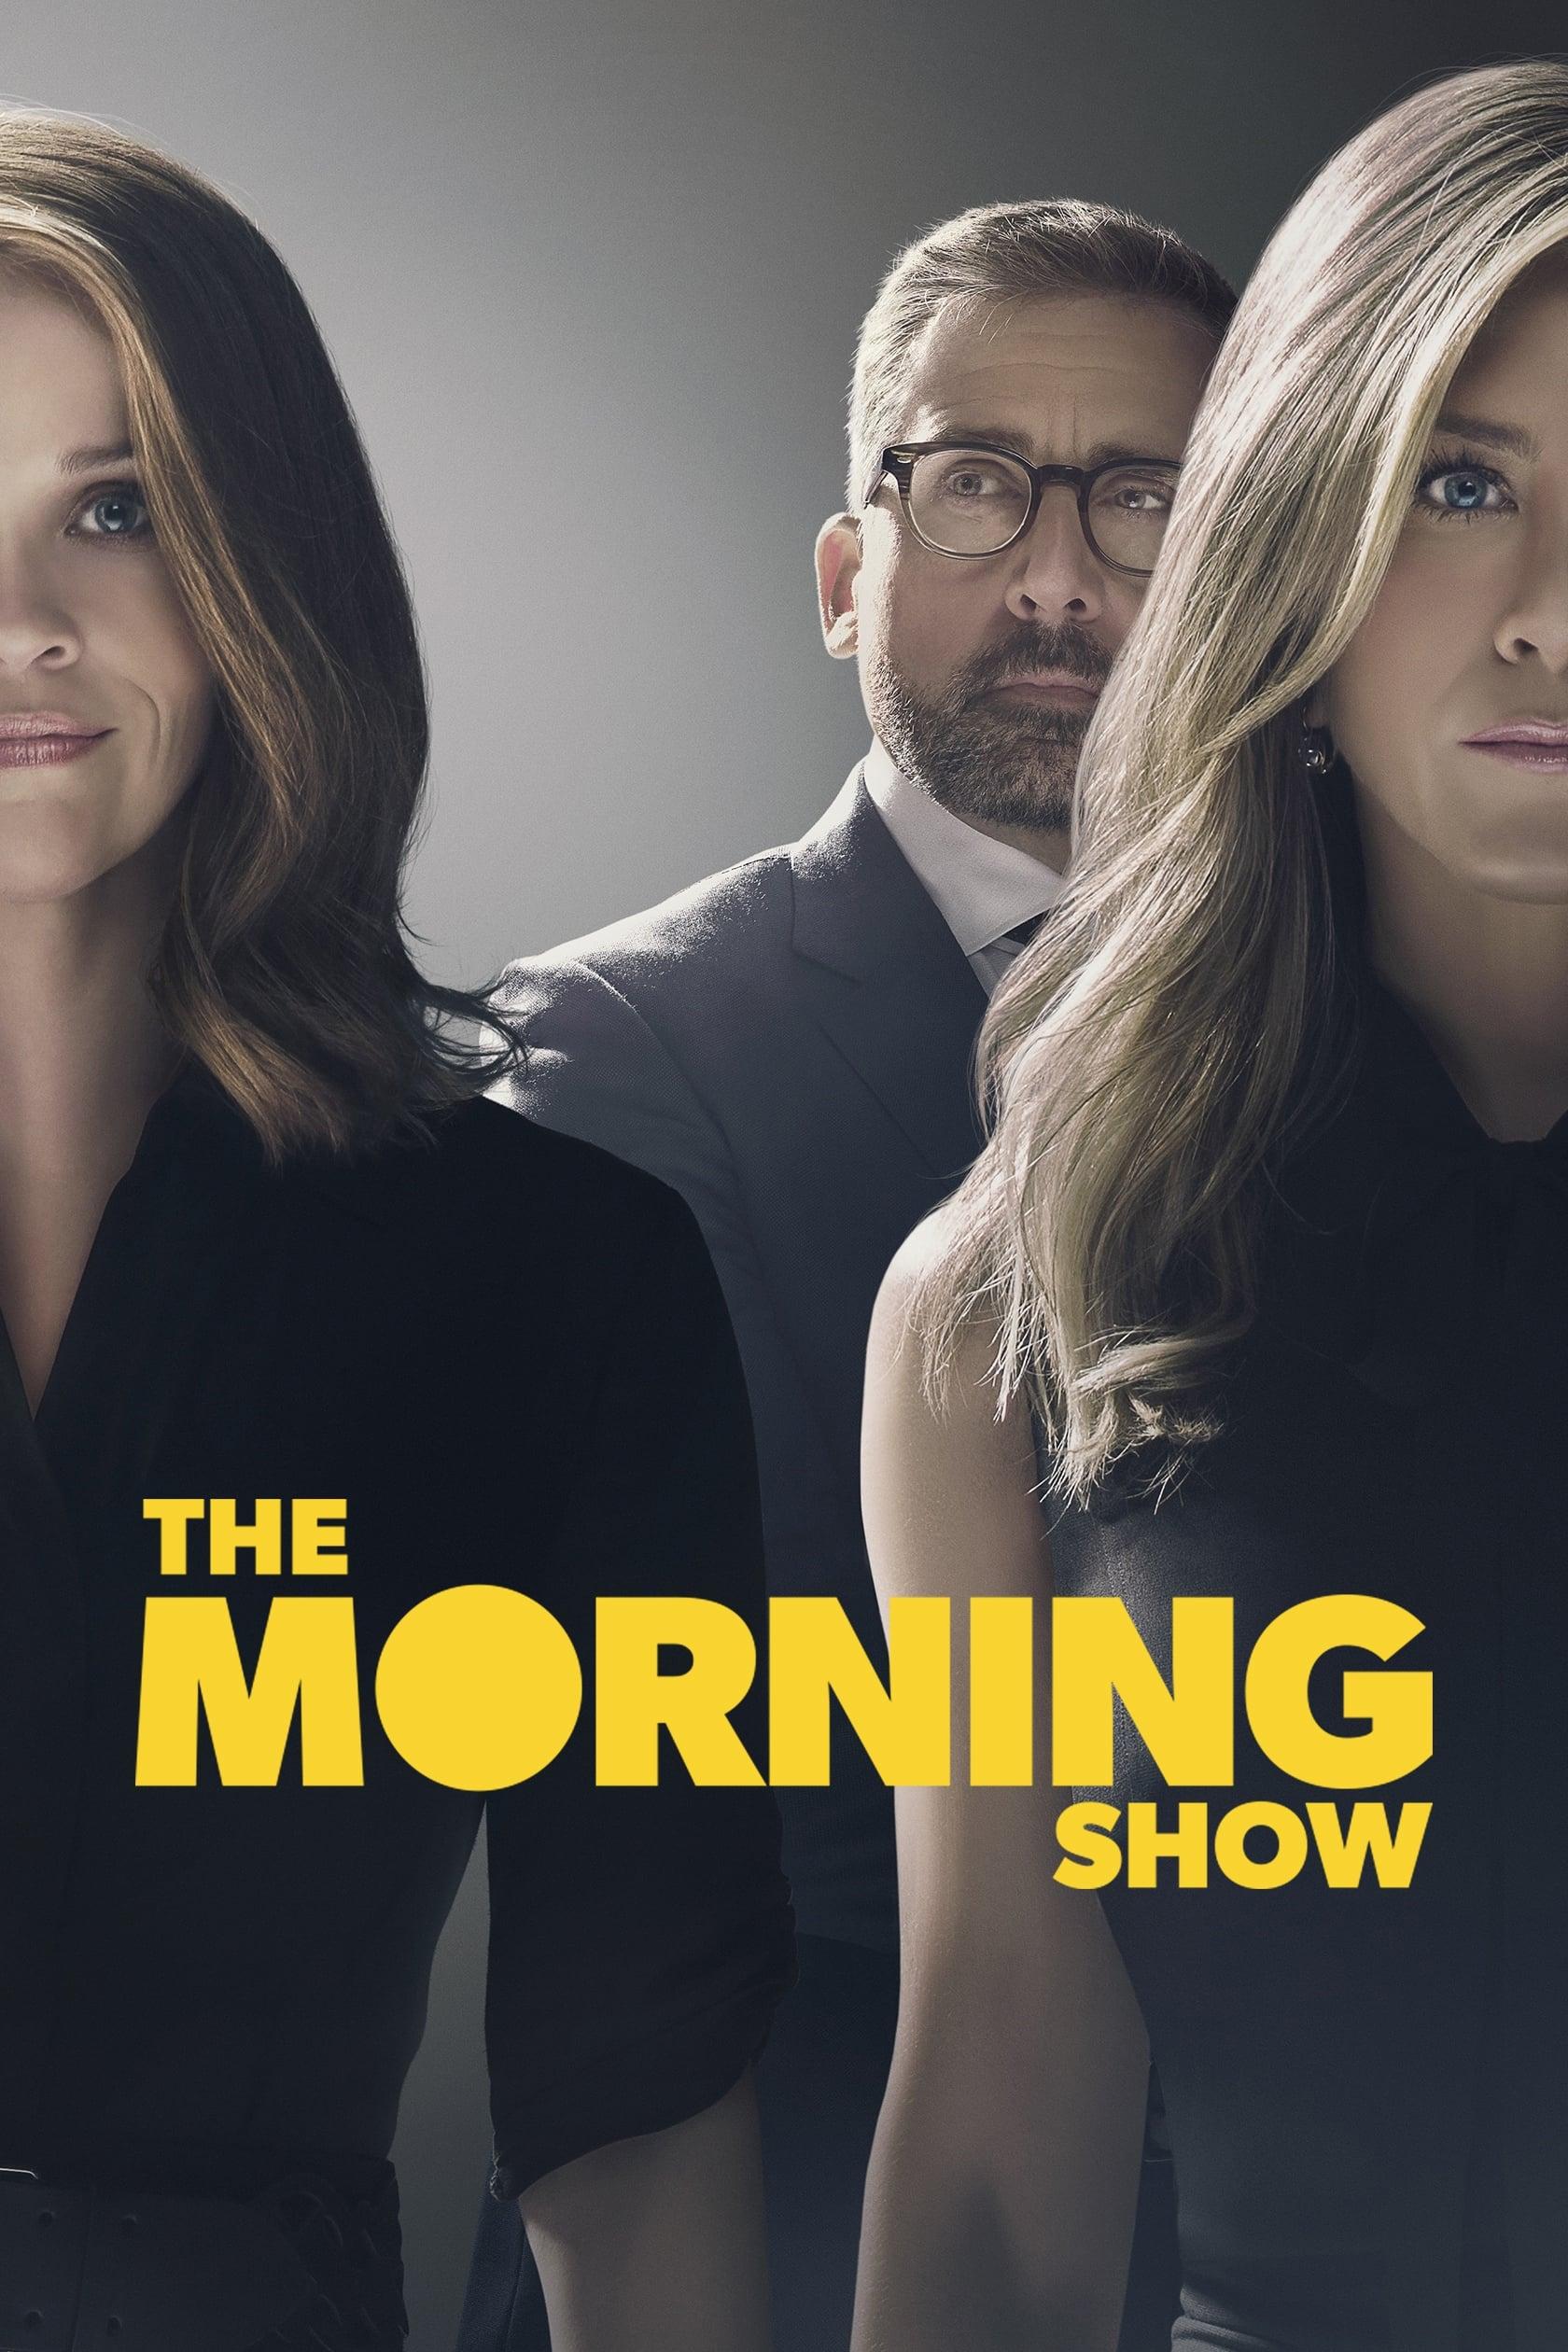 The Morning Show Season 1